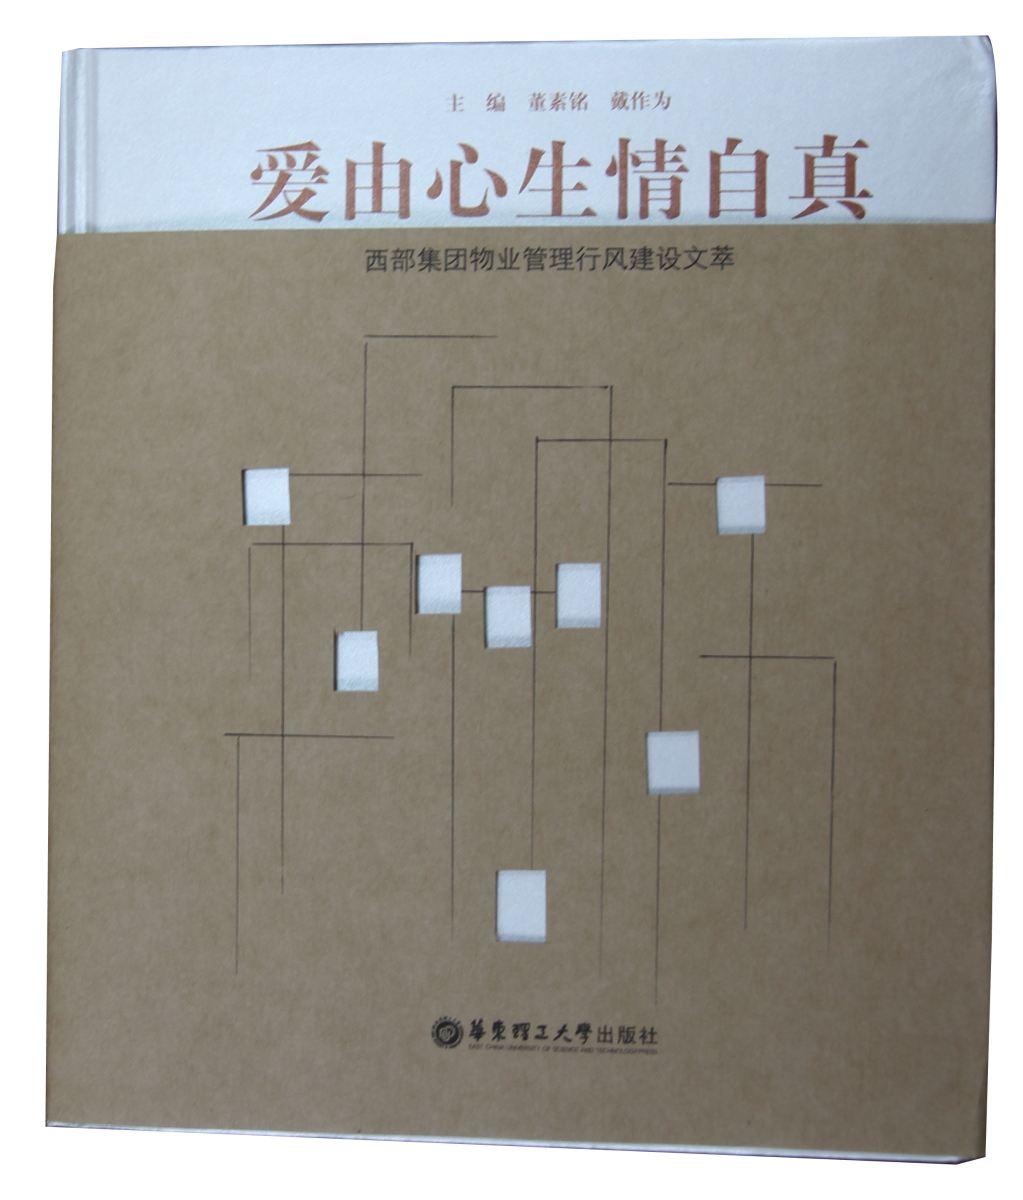 书喜获封面设计二等奖.   本届双年展的参展图书由各省、市